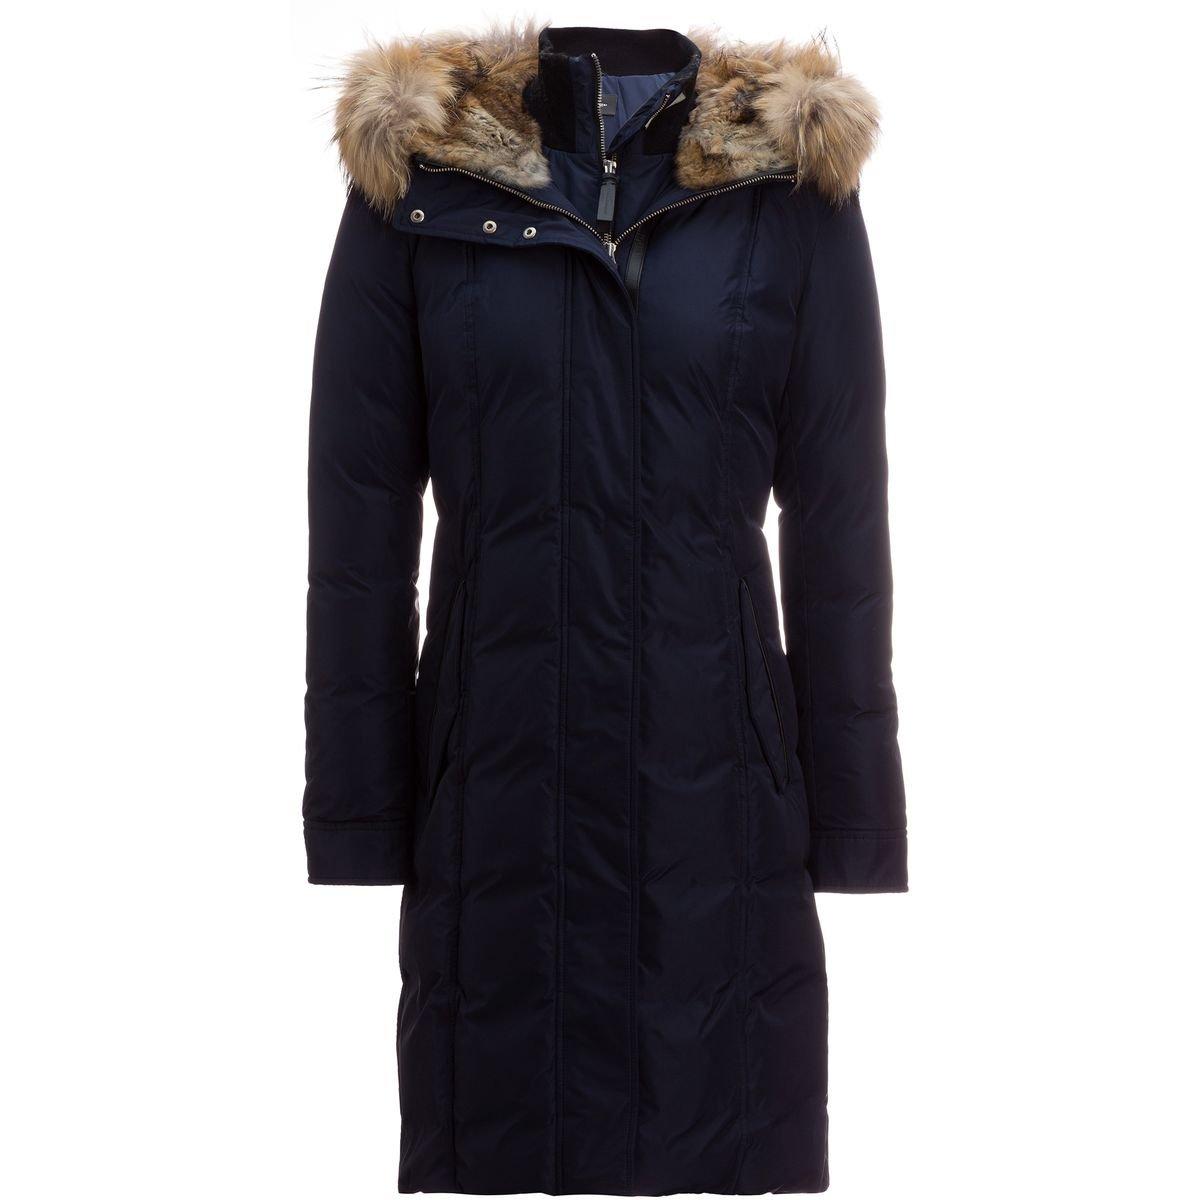 Mackage harlin Down Jacket - Women's Ink, XL